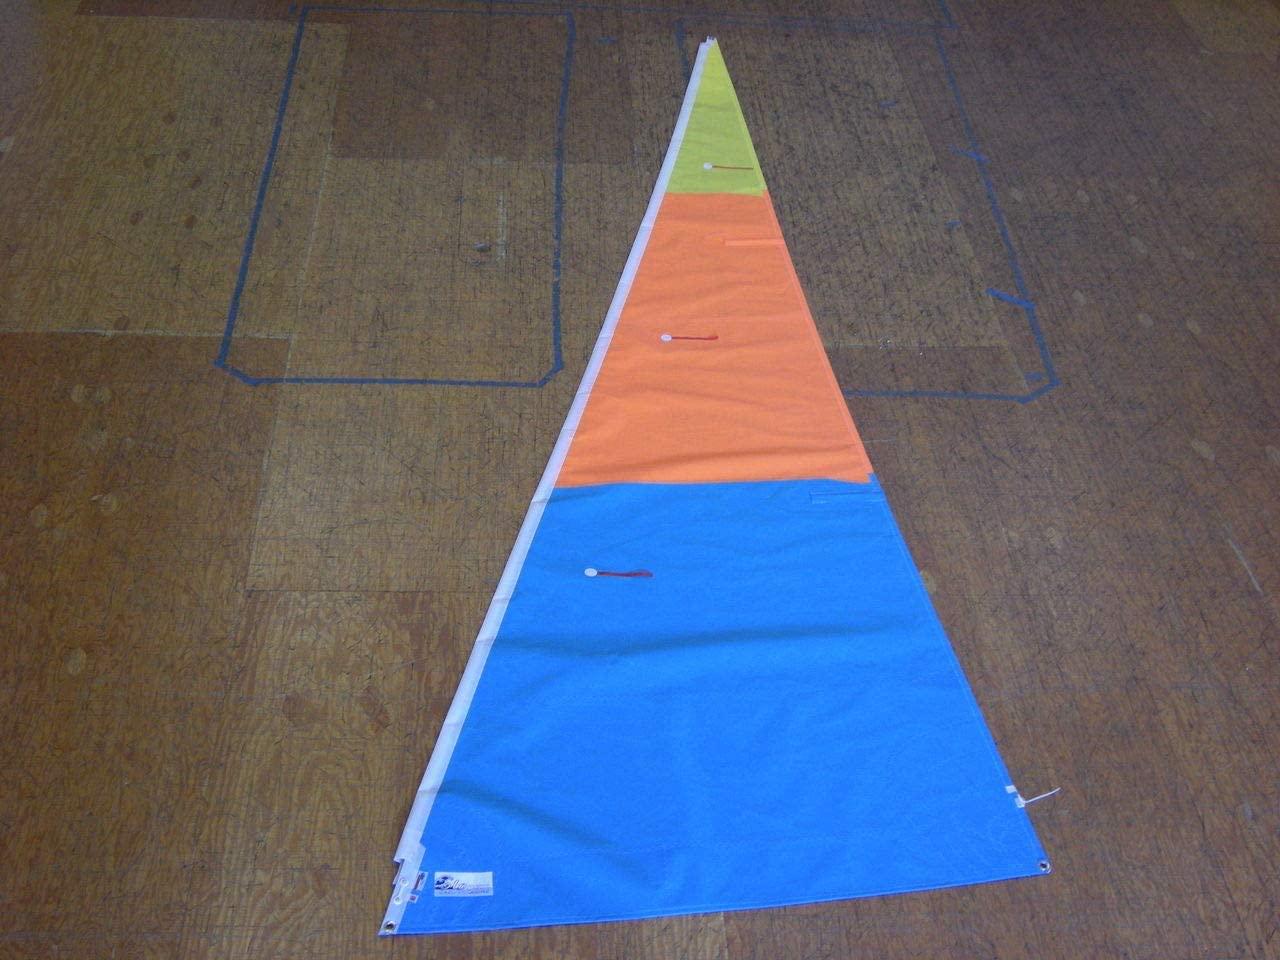 AKSAILS Sail Jib Prindle 16 Multi Color